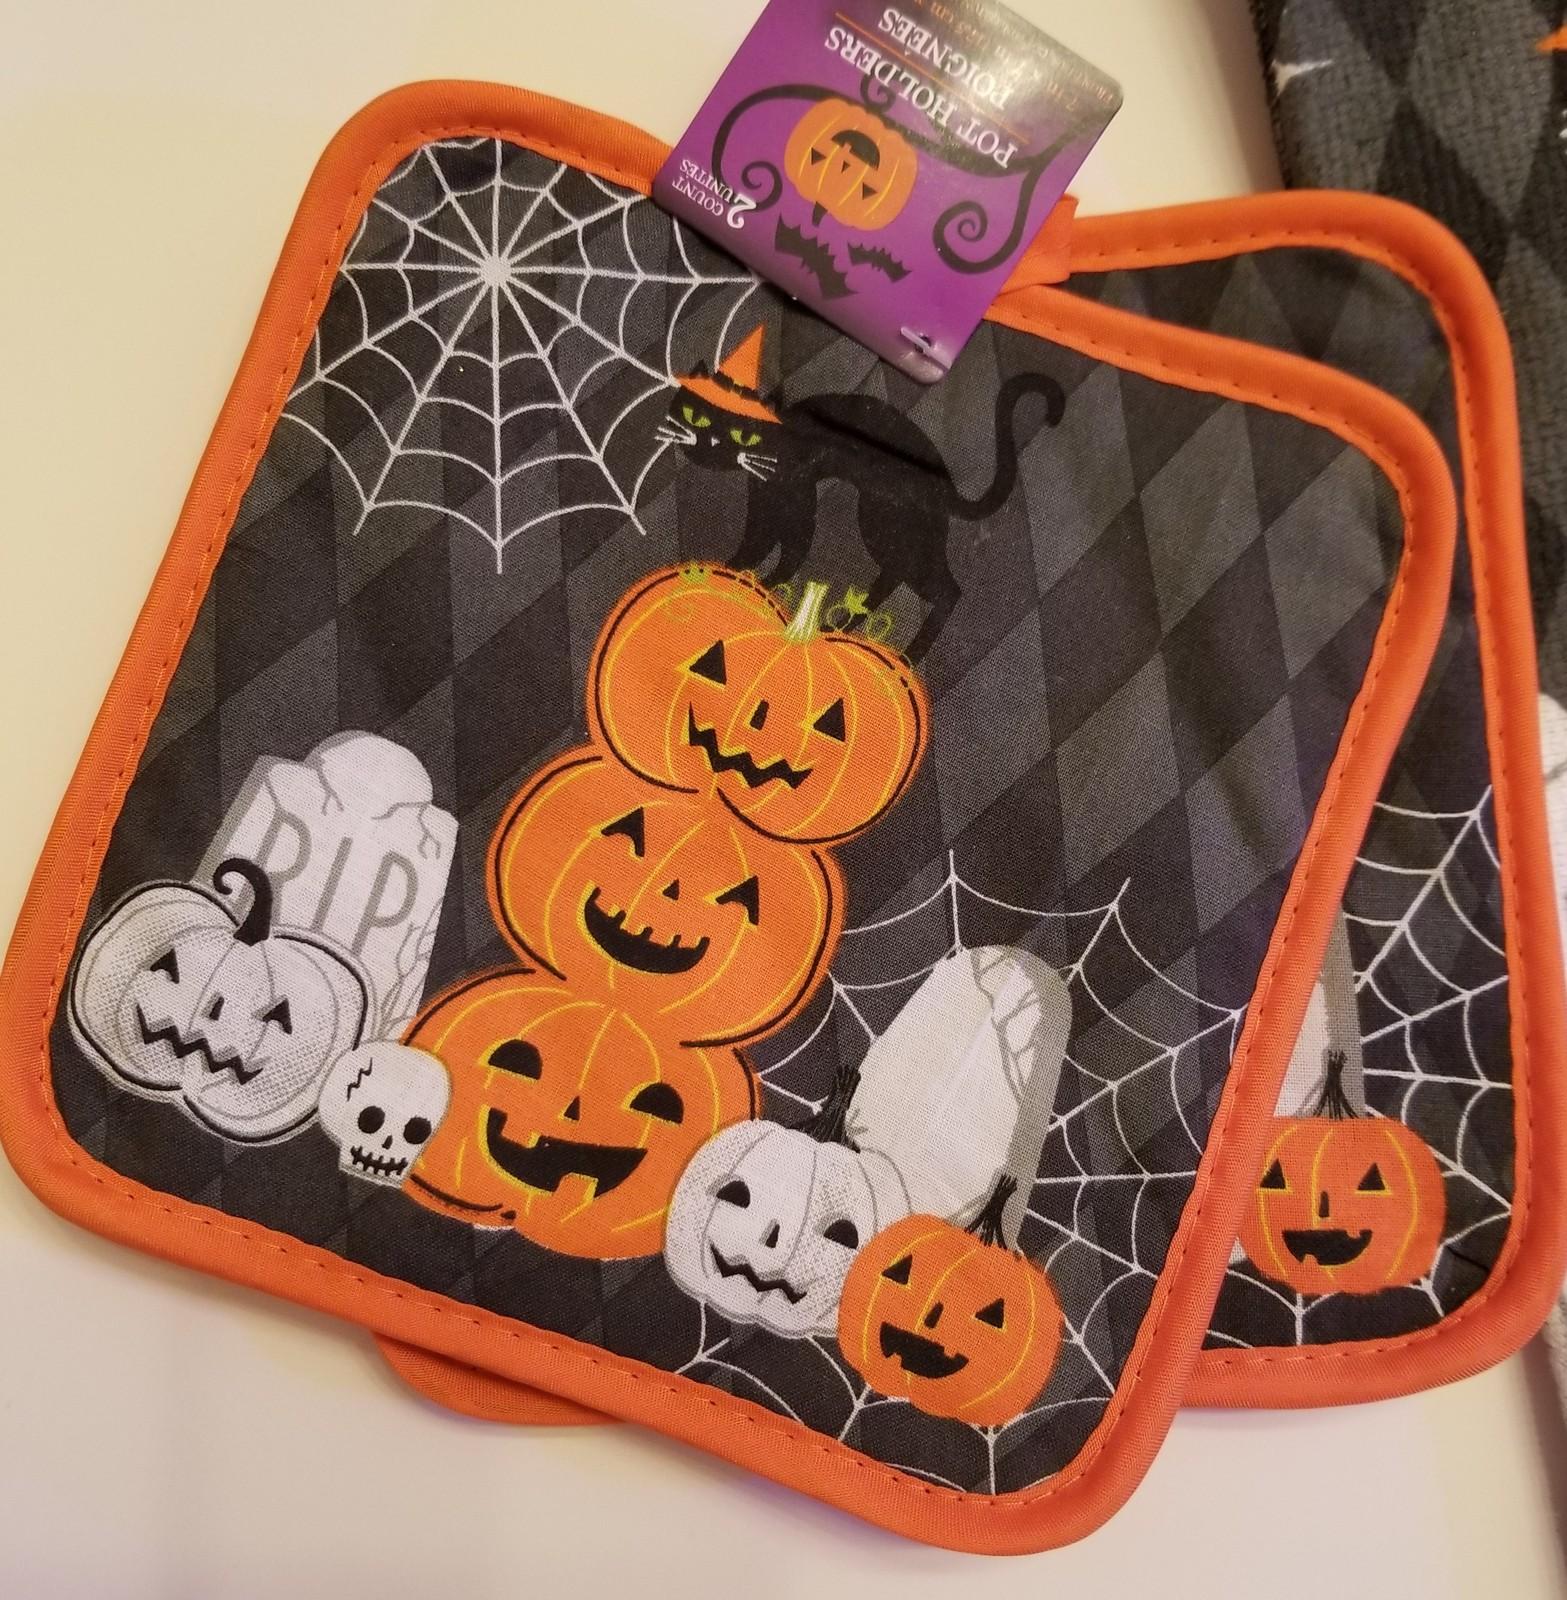 Halloweenpotholders